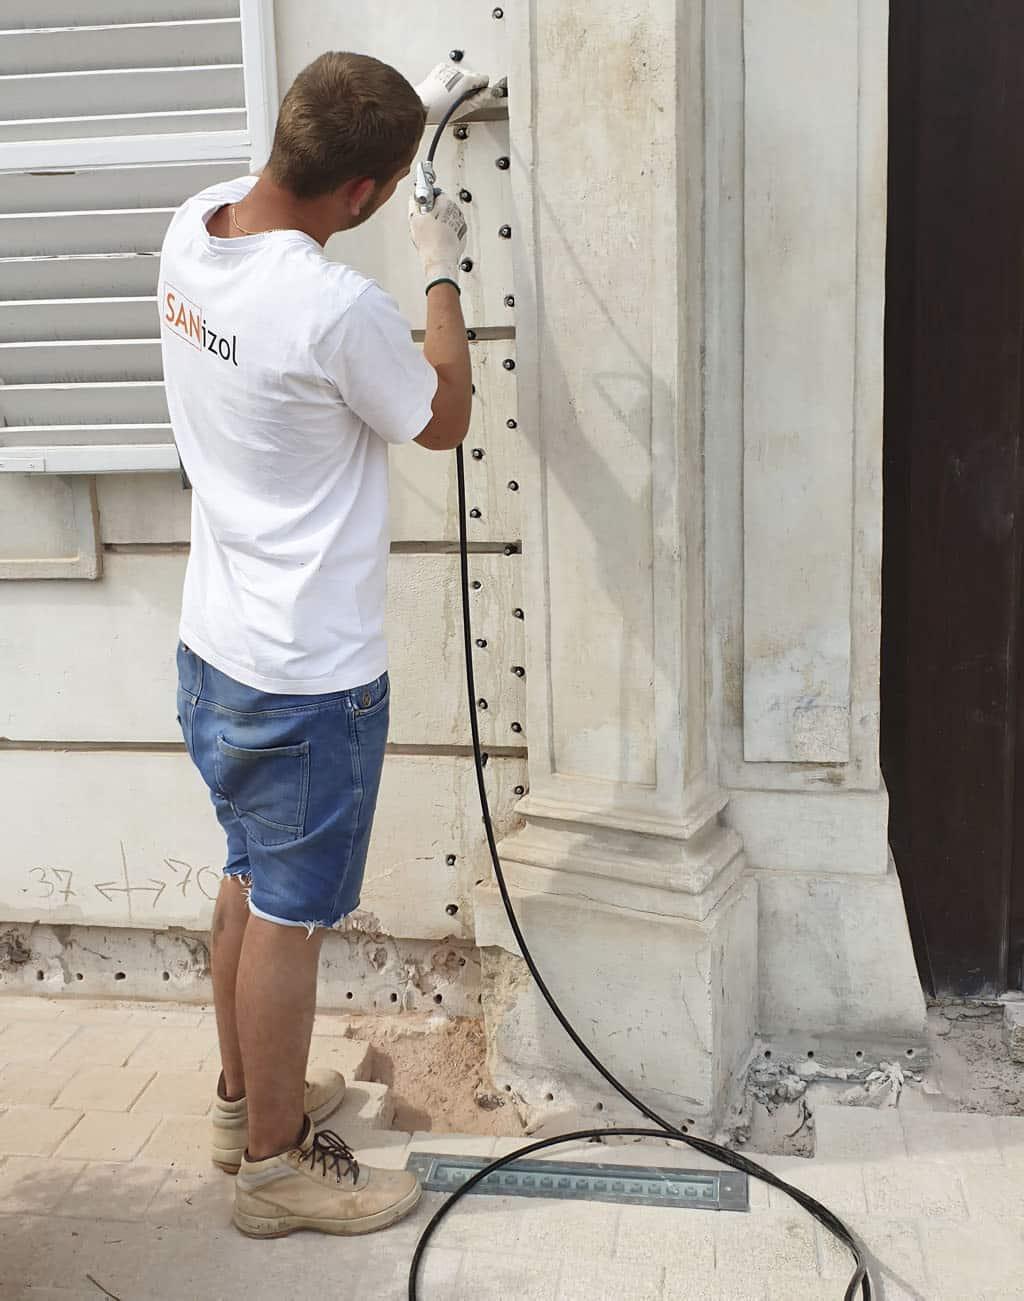 Špecialisti na boj s vlhkými murivami stavebných objektov, Sanizol, sanacia, diagnostika, hydroizolacia